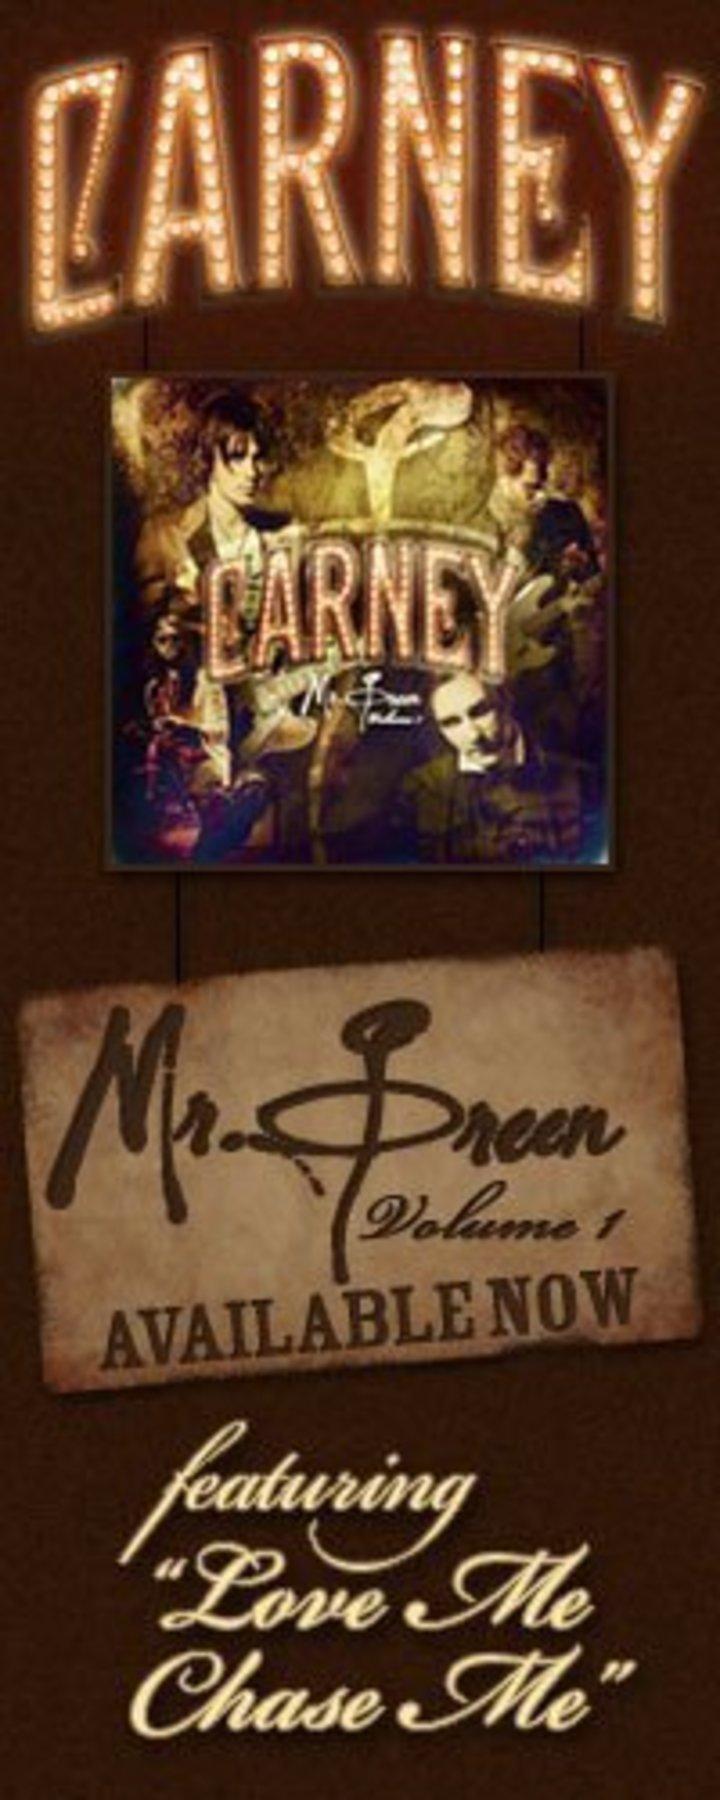 Carney Tour Dates